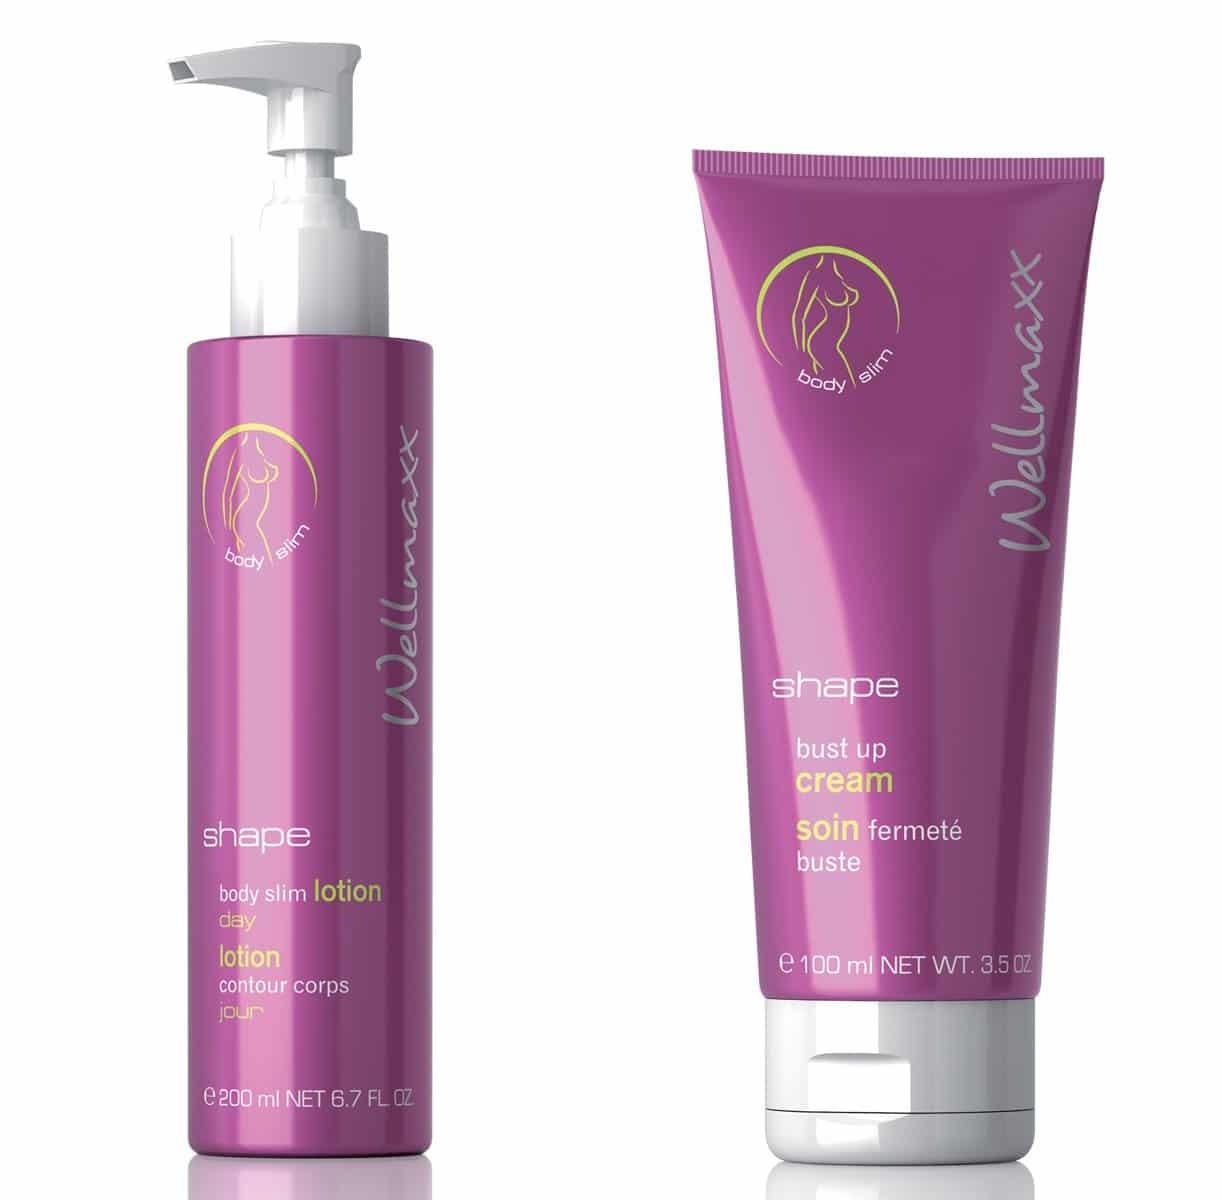 Heute stelle ich euch auf meinem Blog die exklusive Marke Wellmaxx ausführlich vor und zeige euch meine liebsten Produkte für strahlende Haut im Winter